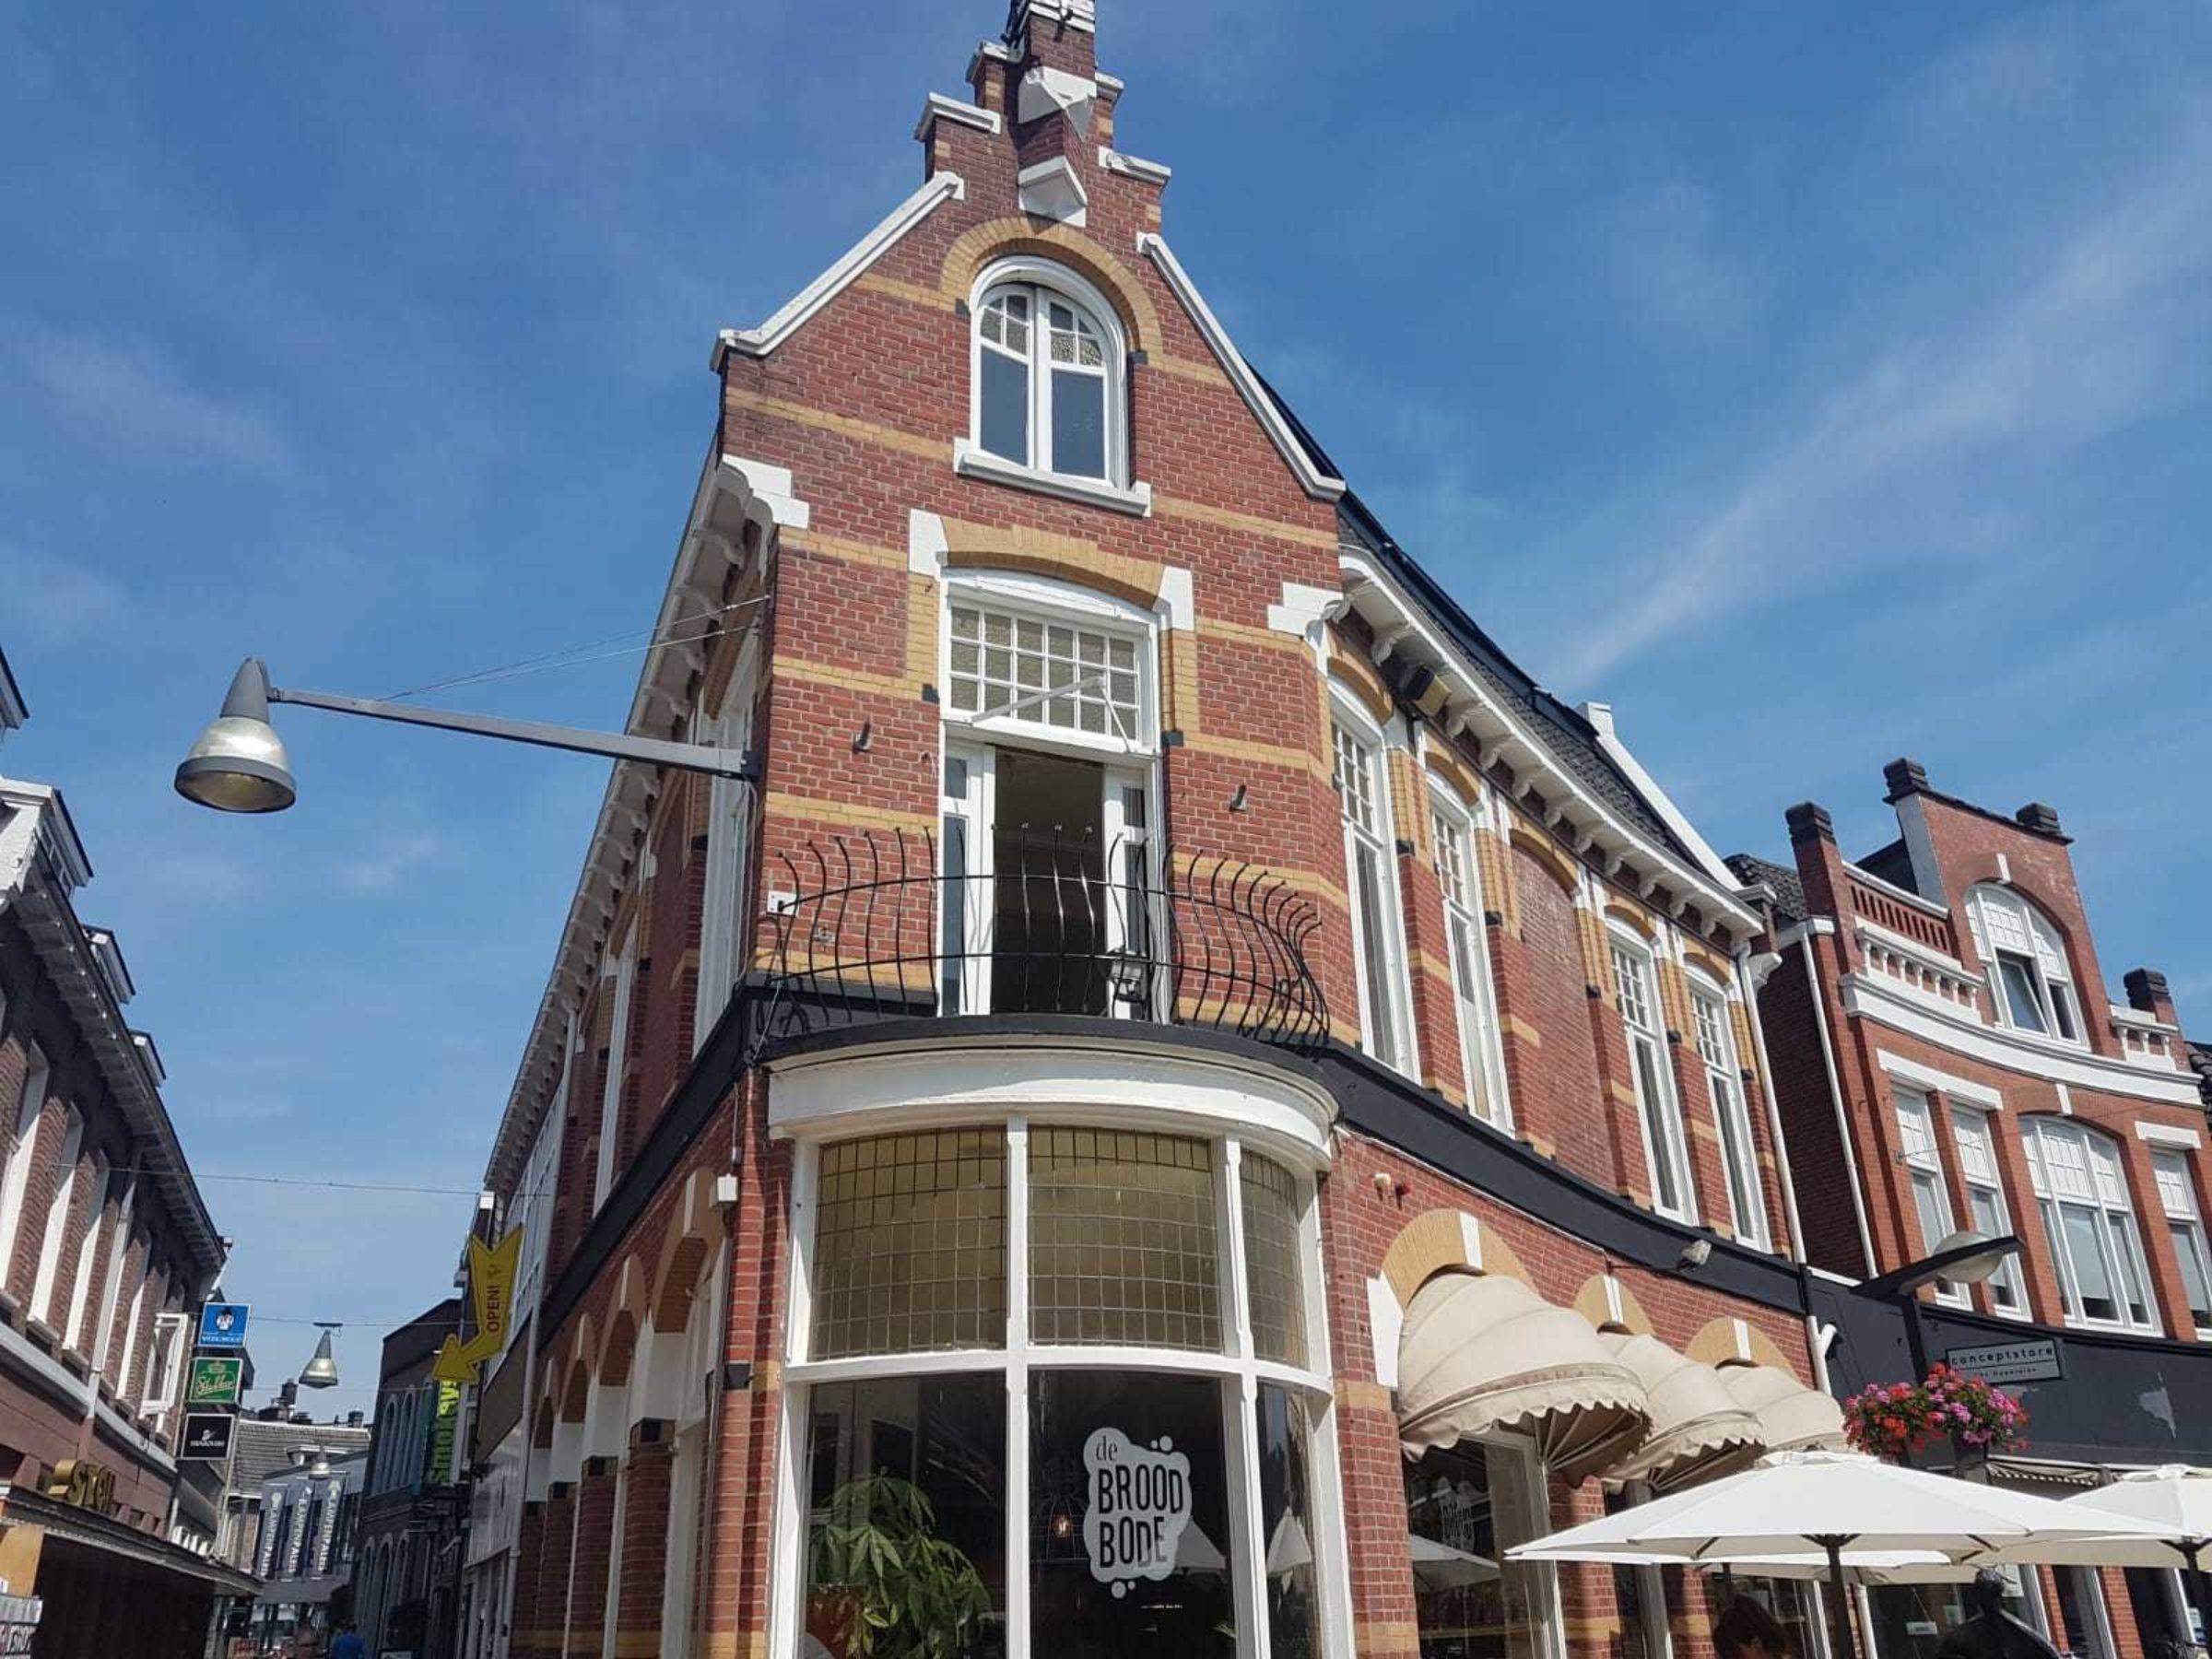 2019 De Broodbode Haverstraatpassage Balkonroute